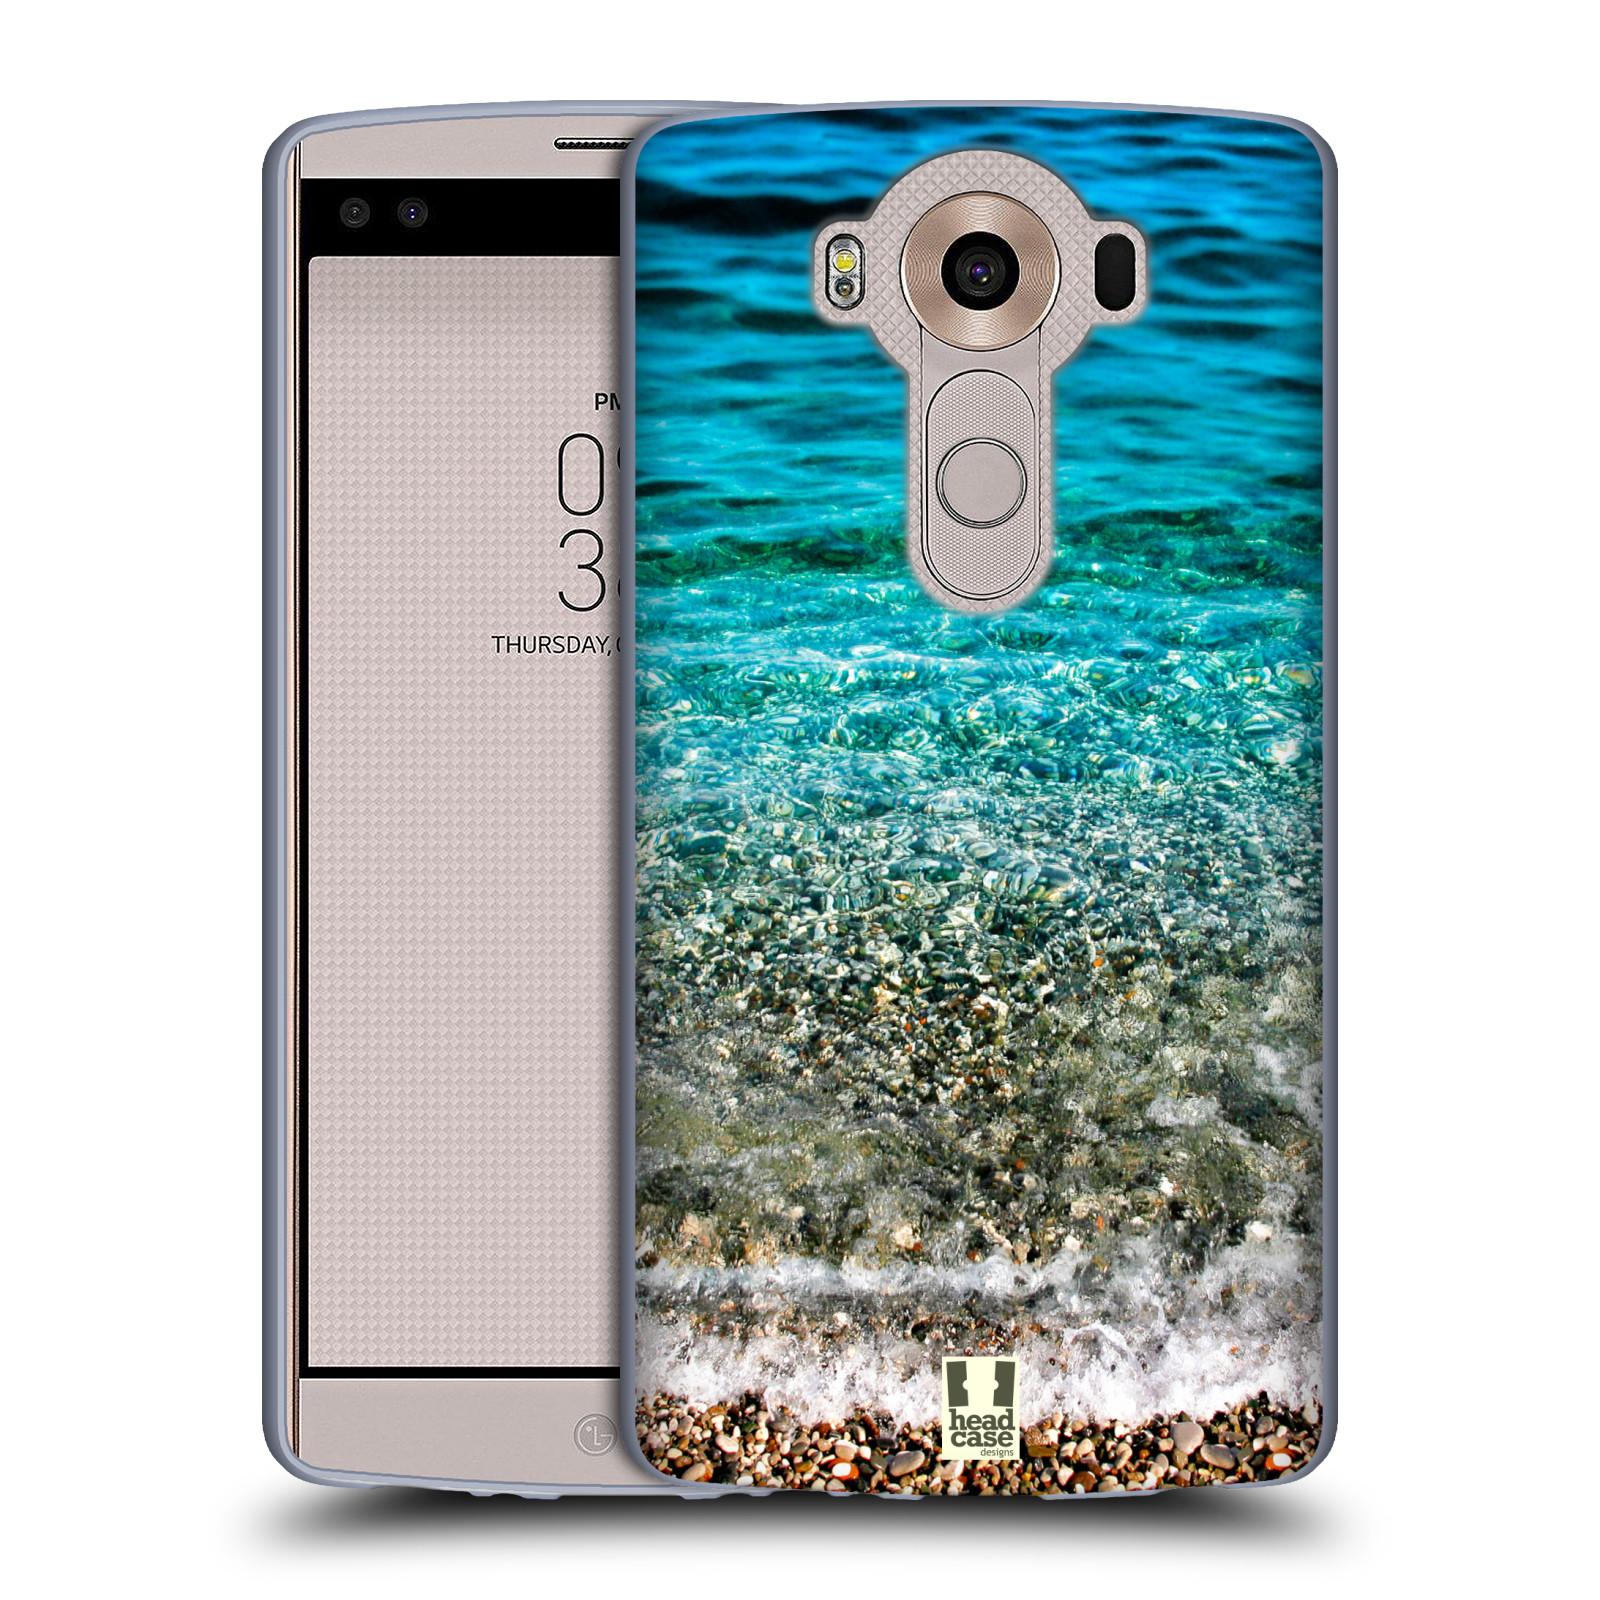 HEAD CASE silikonový obal na mobil LG V10 (H960A) vzor Pláže a Moře PRŮZRAČNÉ MOŘE S OBLÁZKY